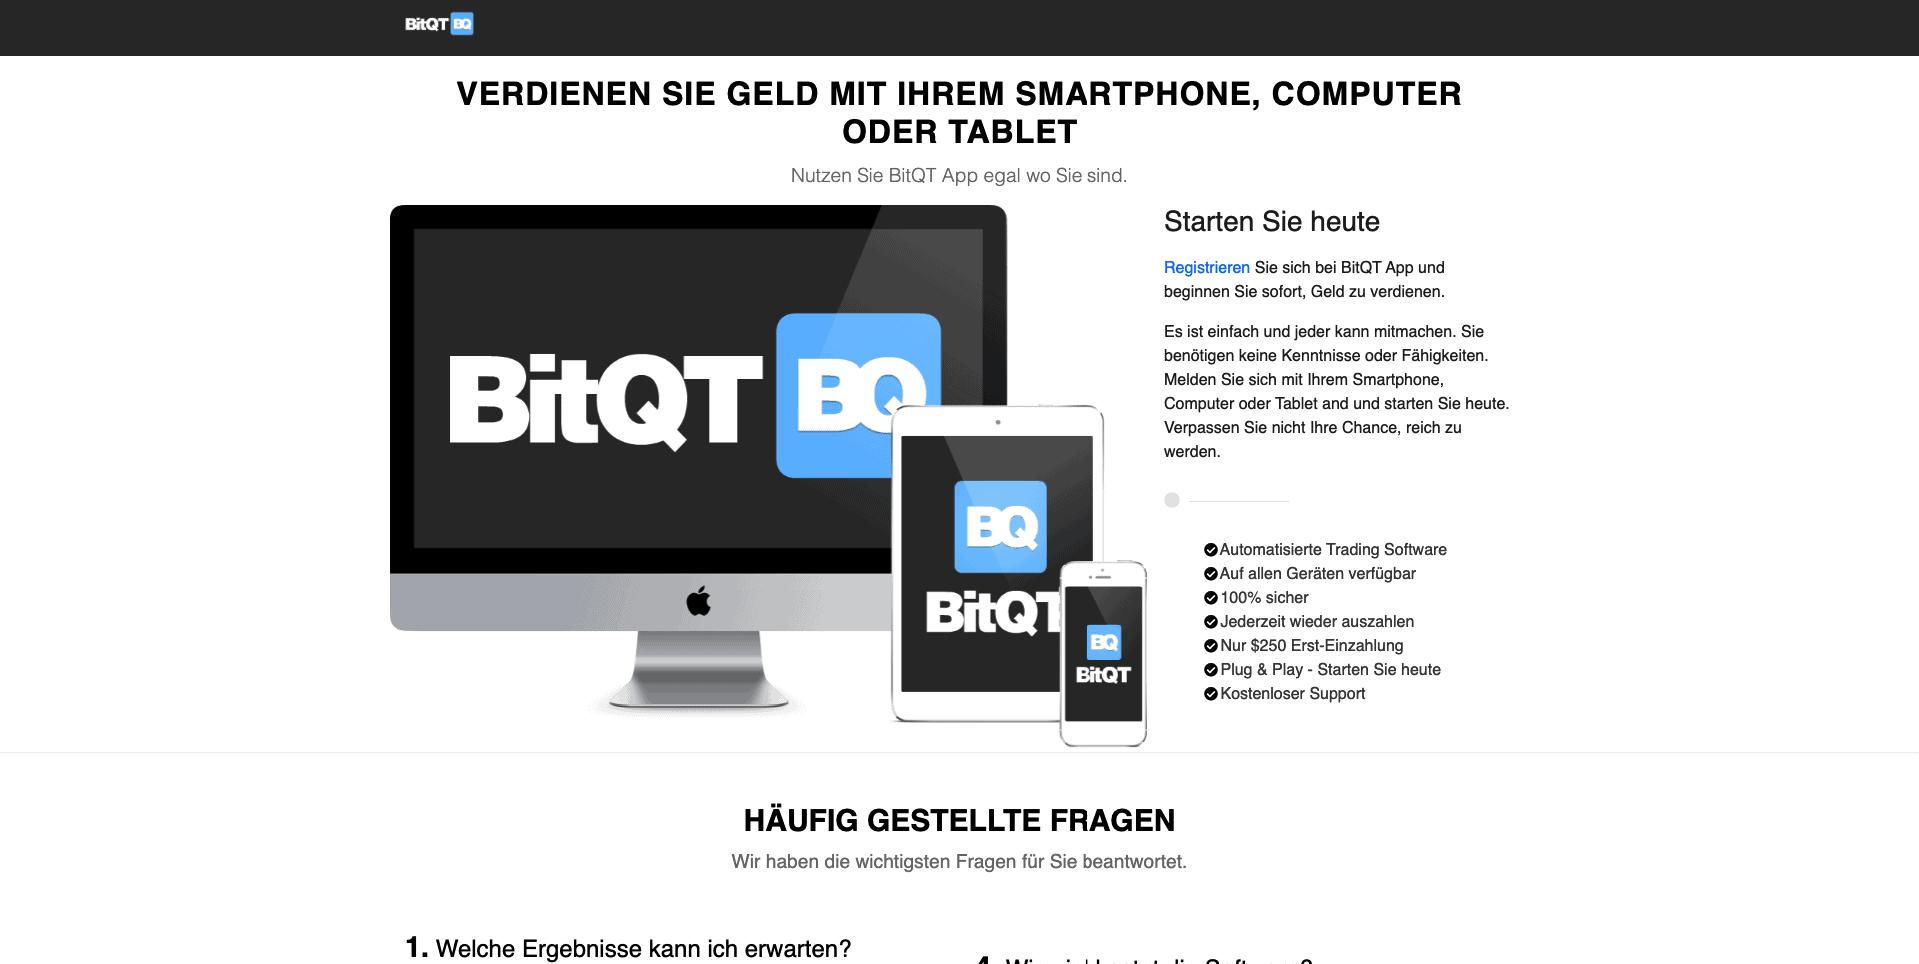 Wie funktioniert bitqt?